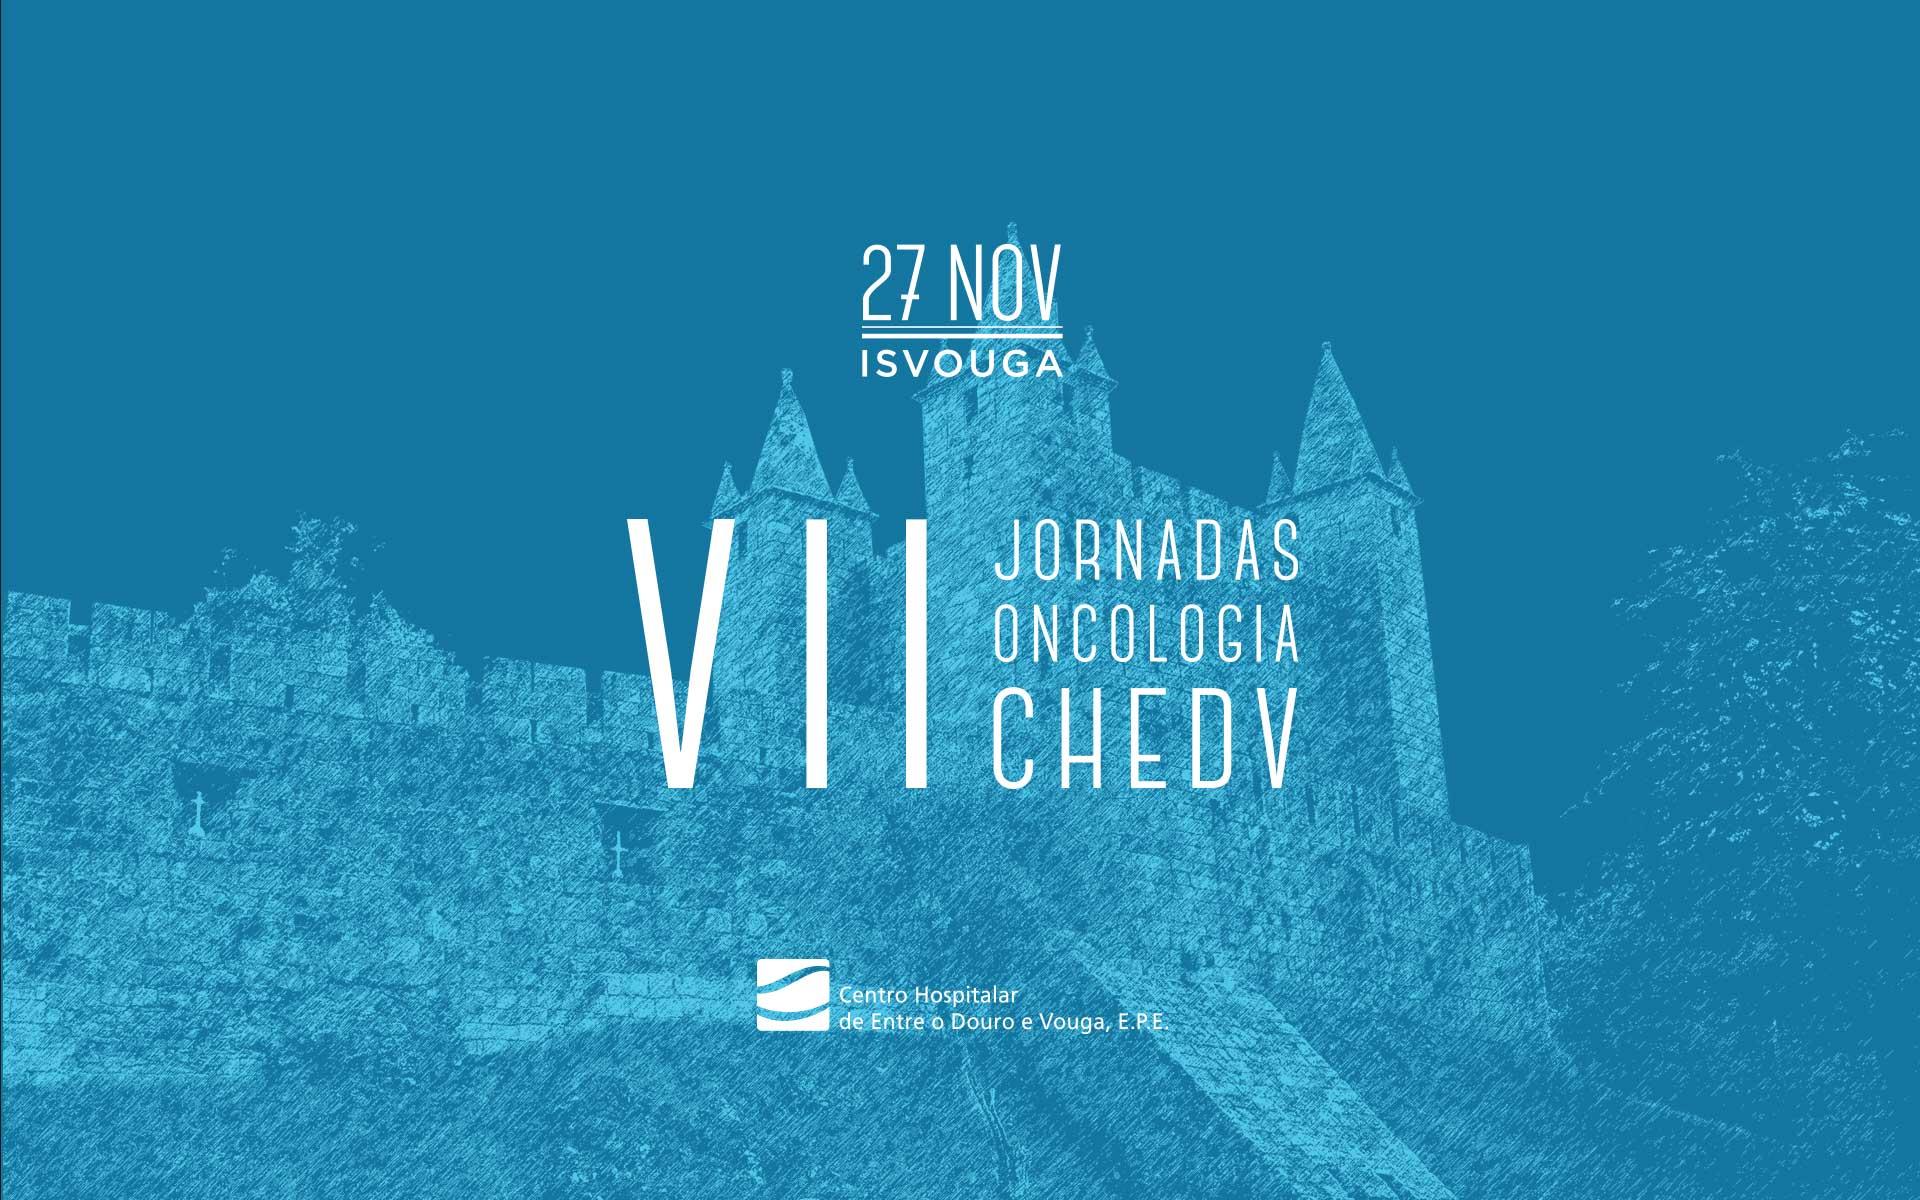 VII Jornadas de Oncologia do CHEDV